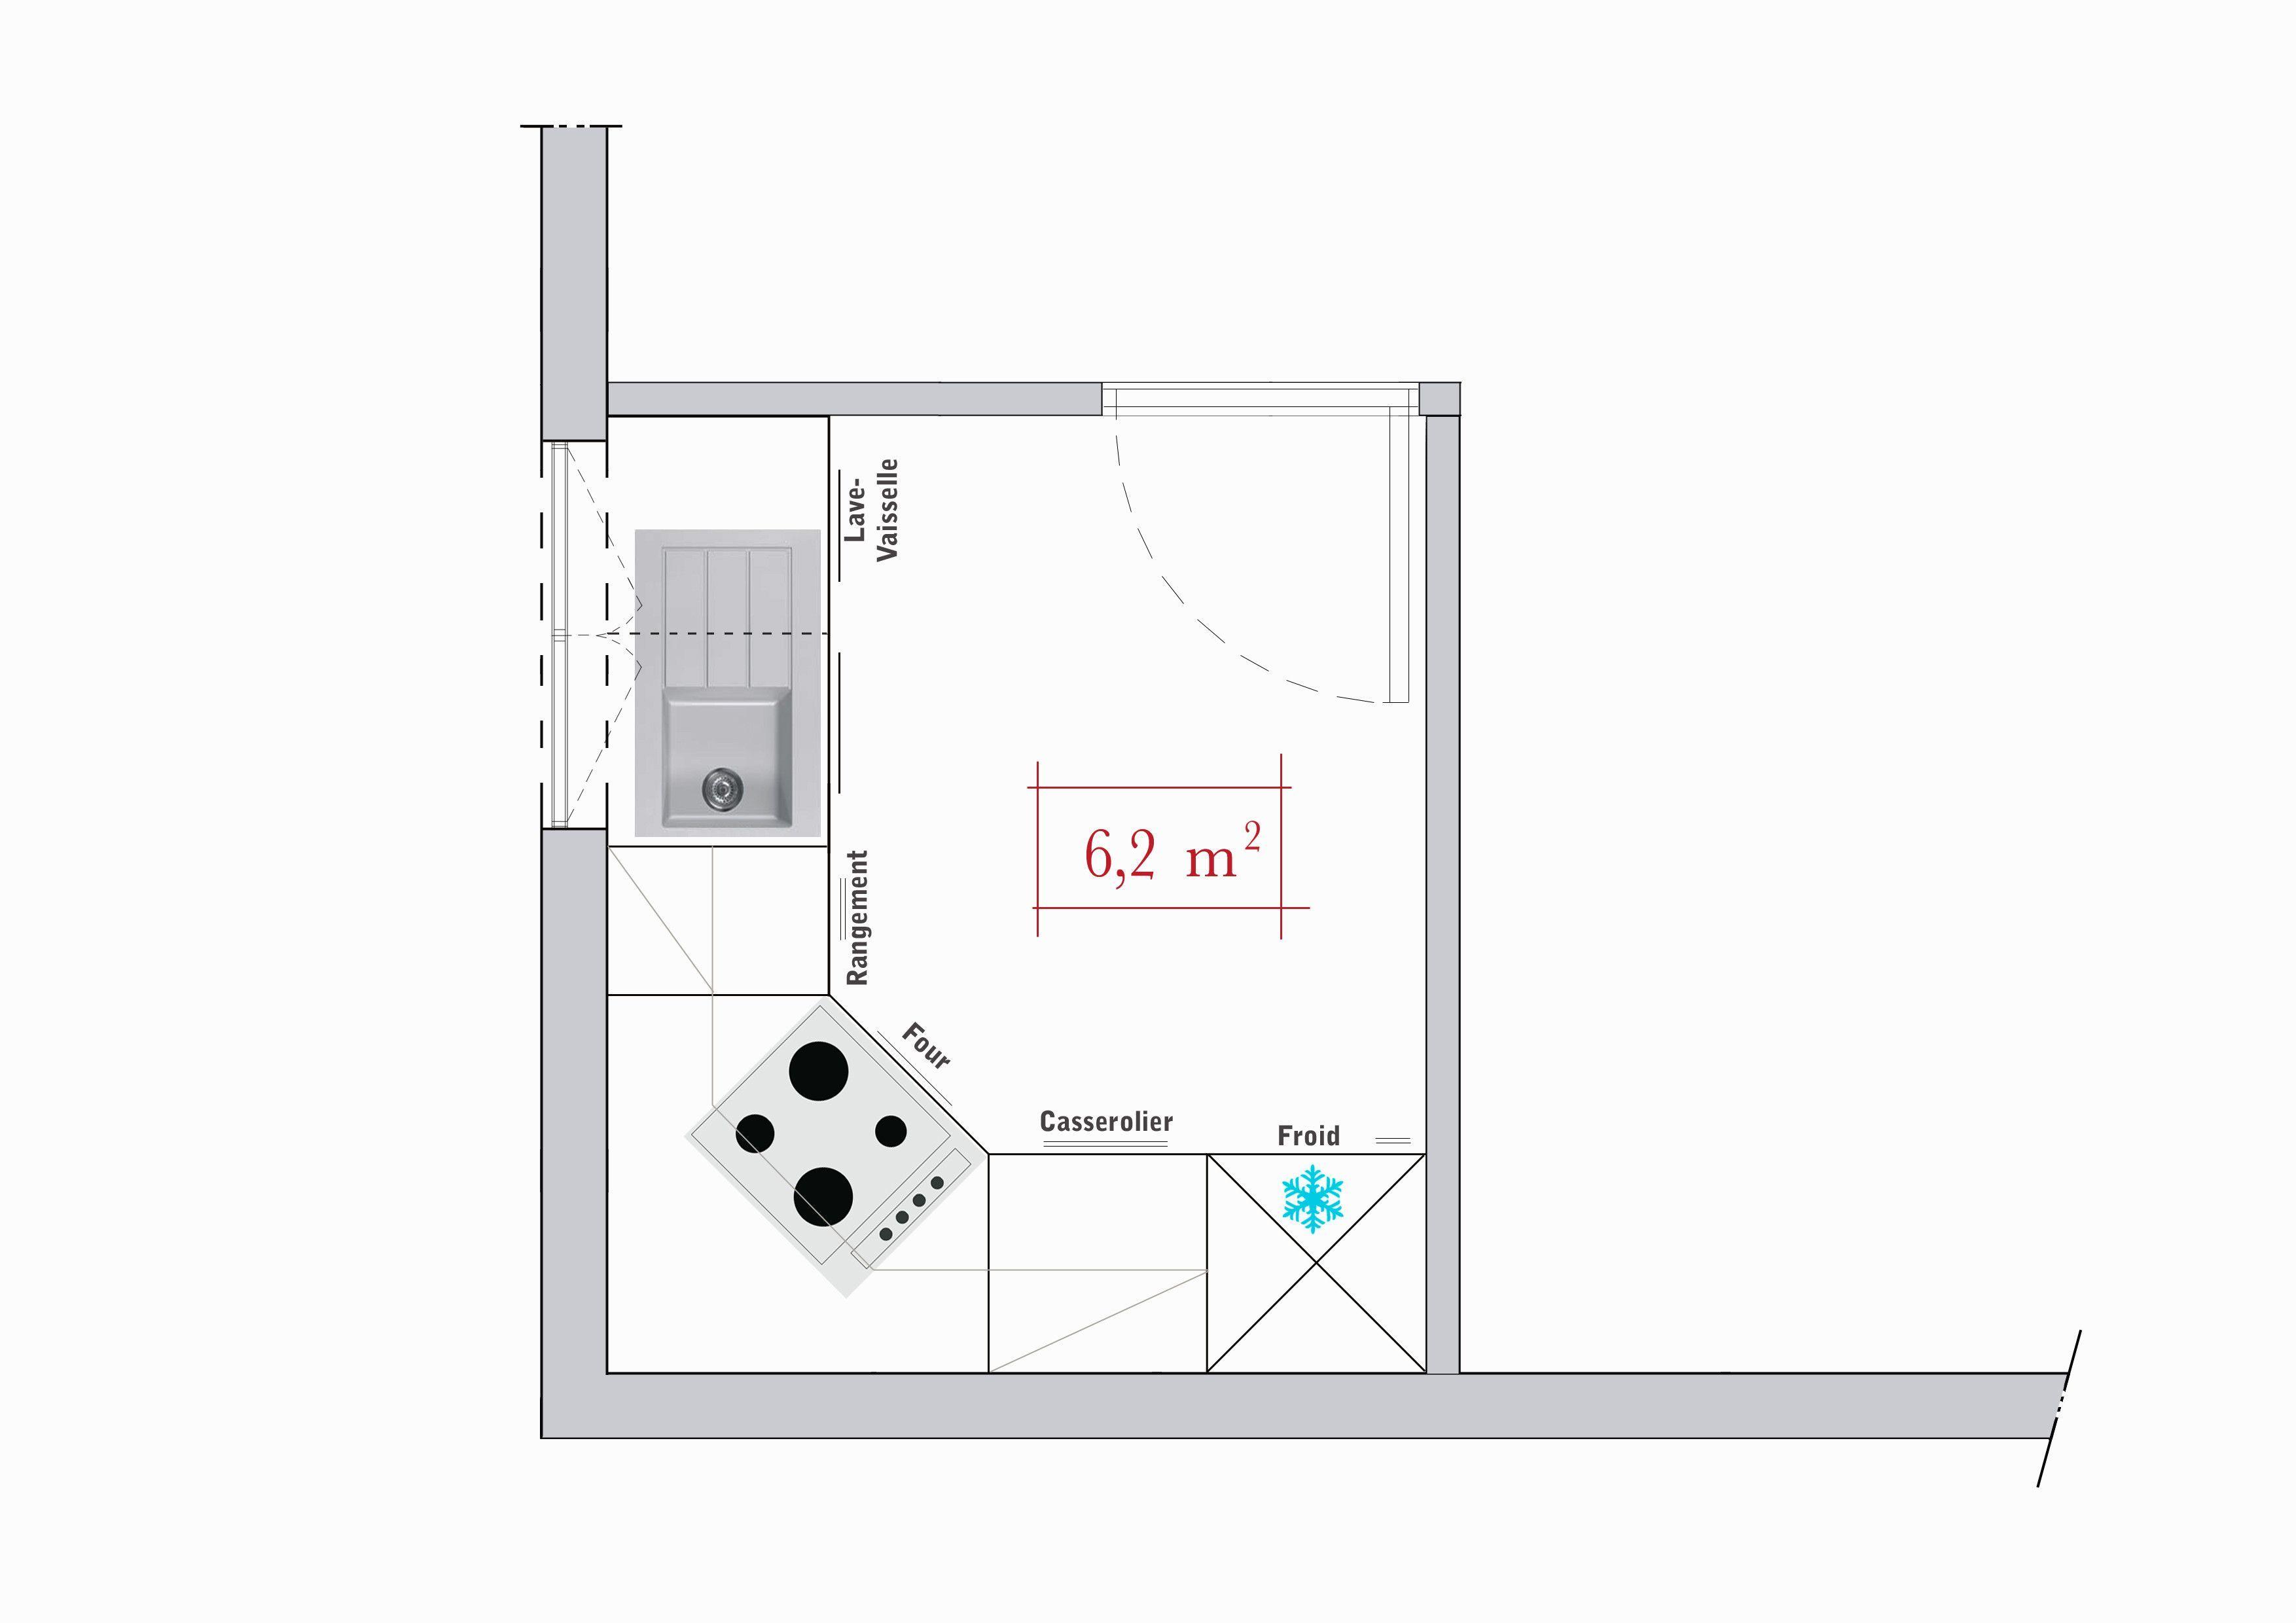 Conseils Darchitecte 3 Plans De Cuisine En L 3 Conseils Cuisine Darchitecte De En L Plans In 2020 With Images Floor Plans Corner Kitchen Cabinet Deco